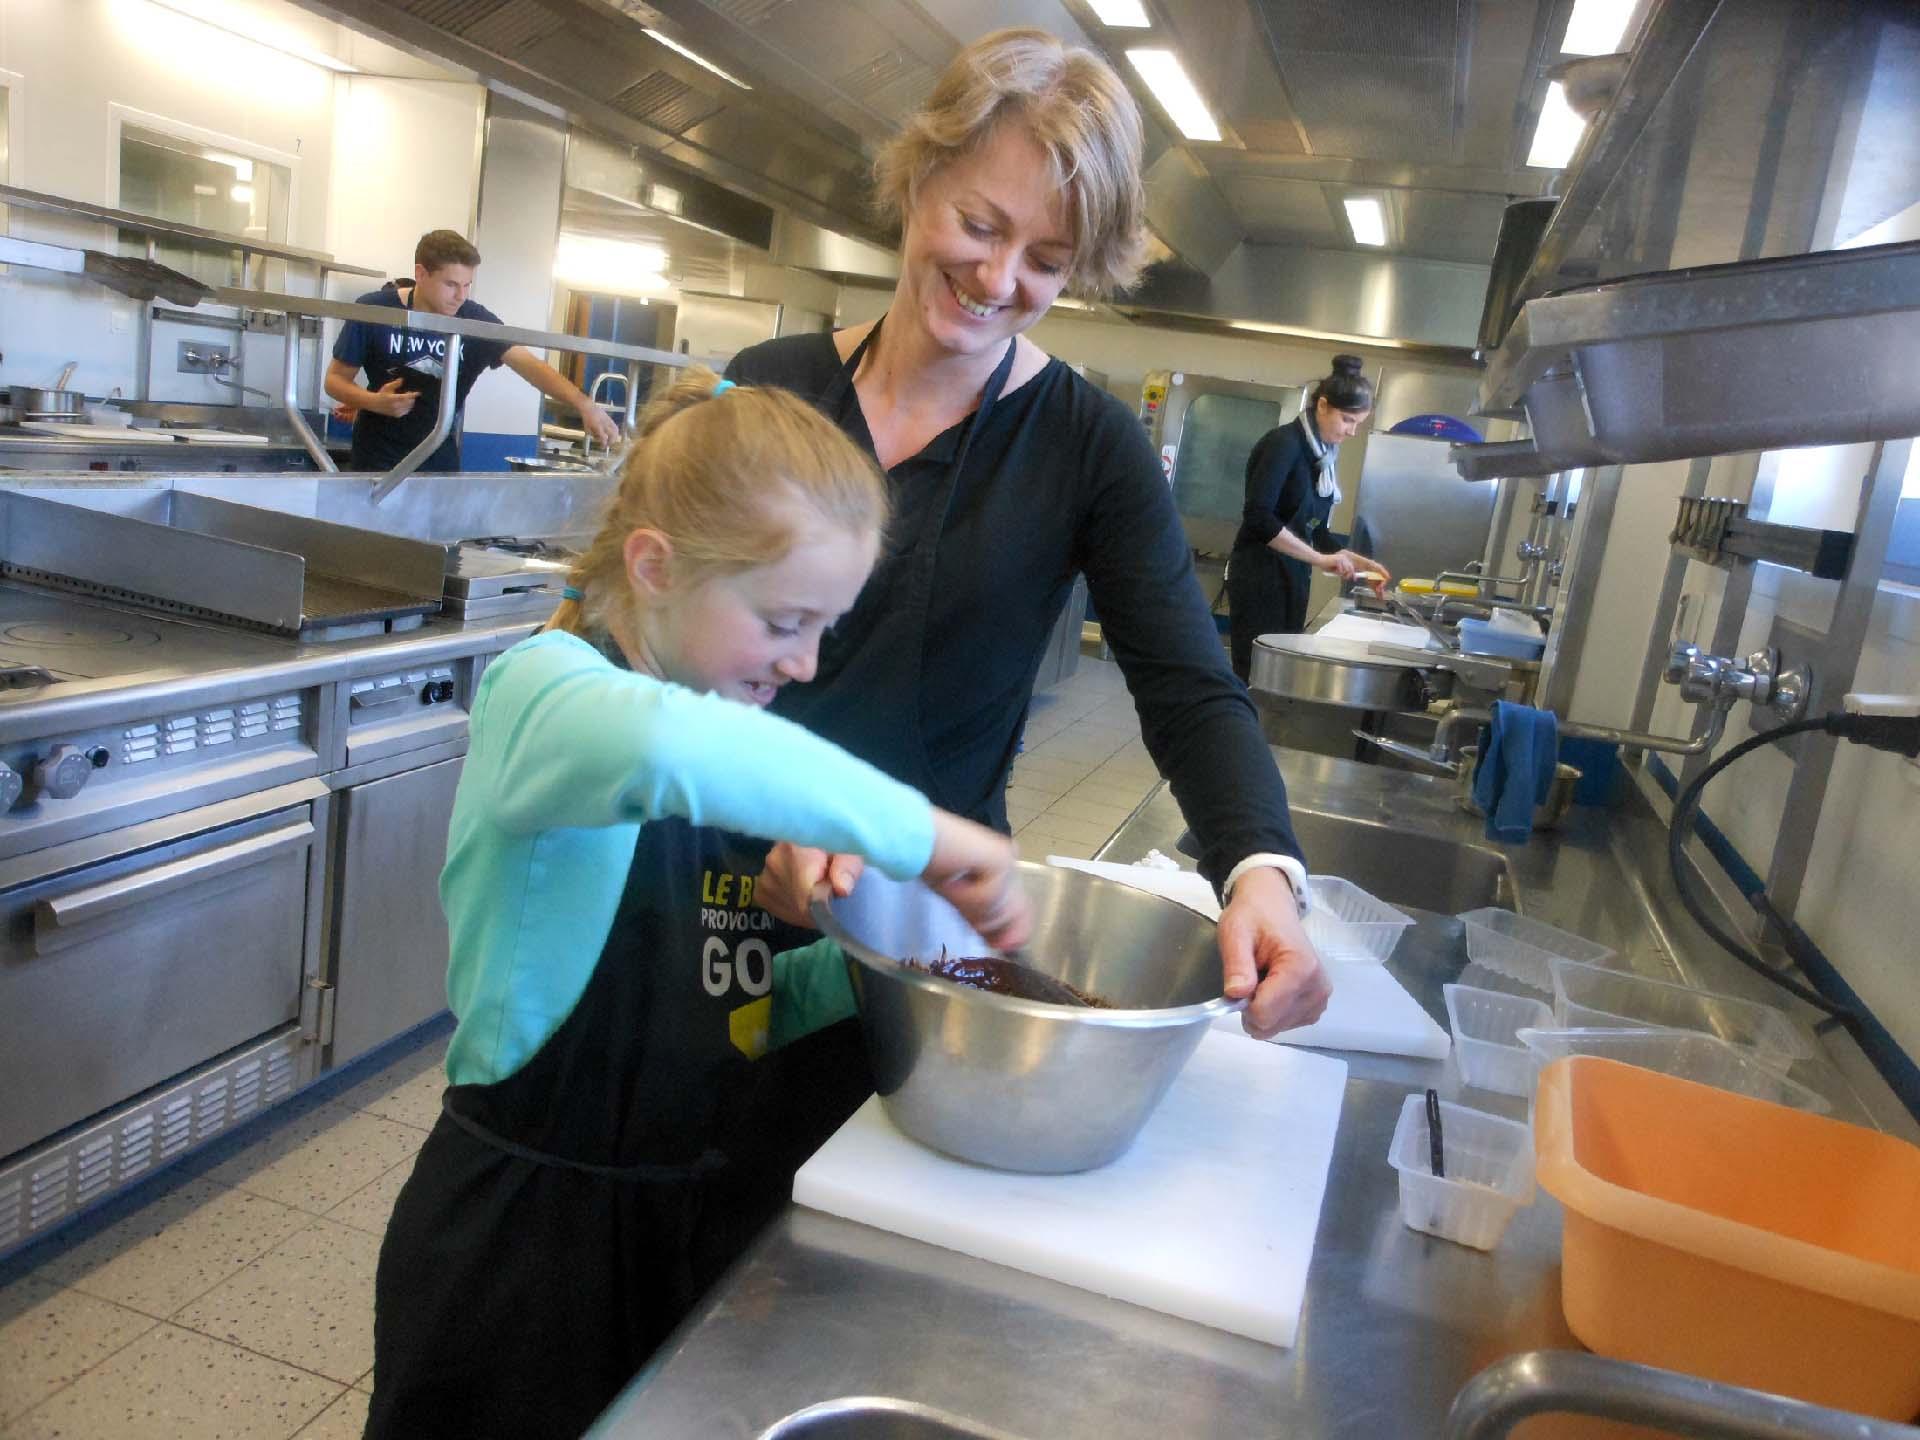 Cours de cuisine pour tous au lyc e h telier - Cours de cuisine pour jeunes ...